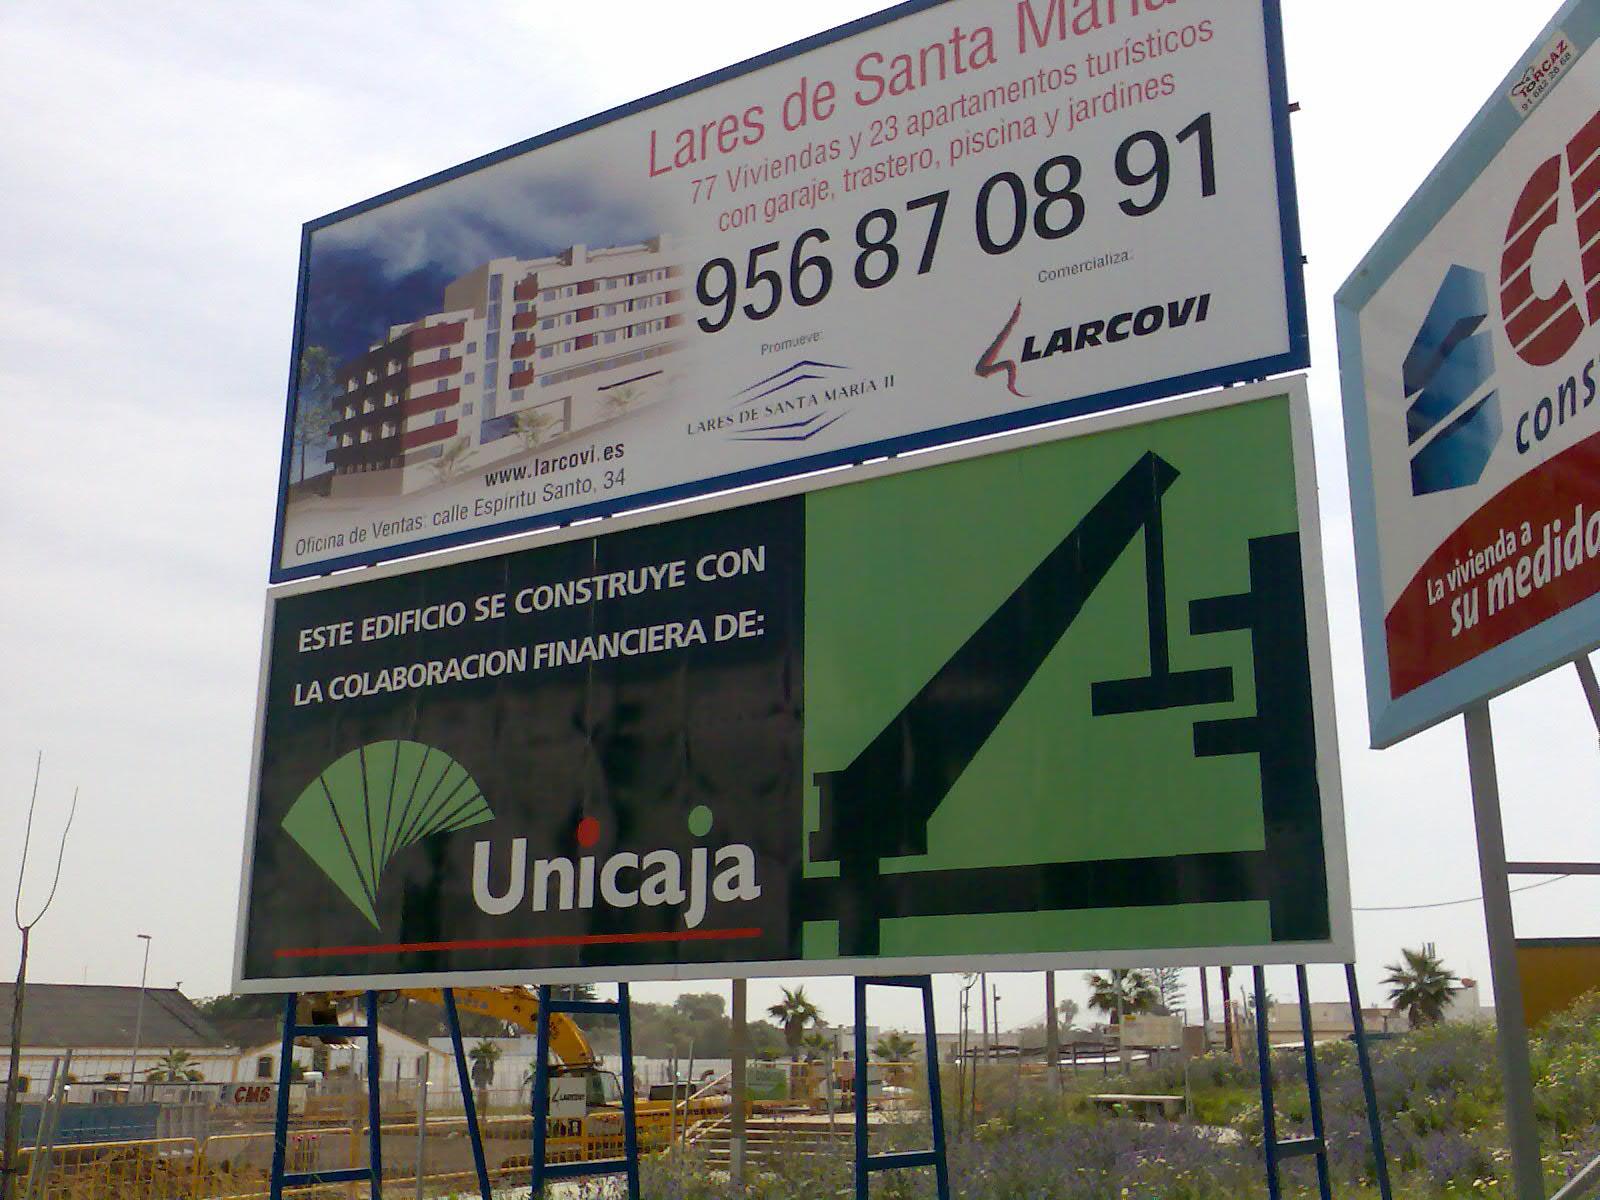 Vinilos impreso para vallas publicitarias en Cádiz